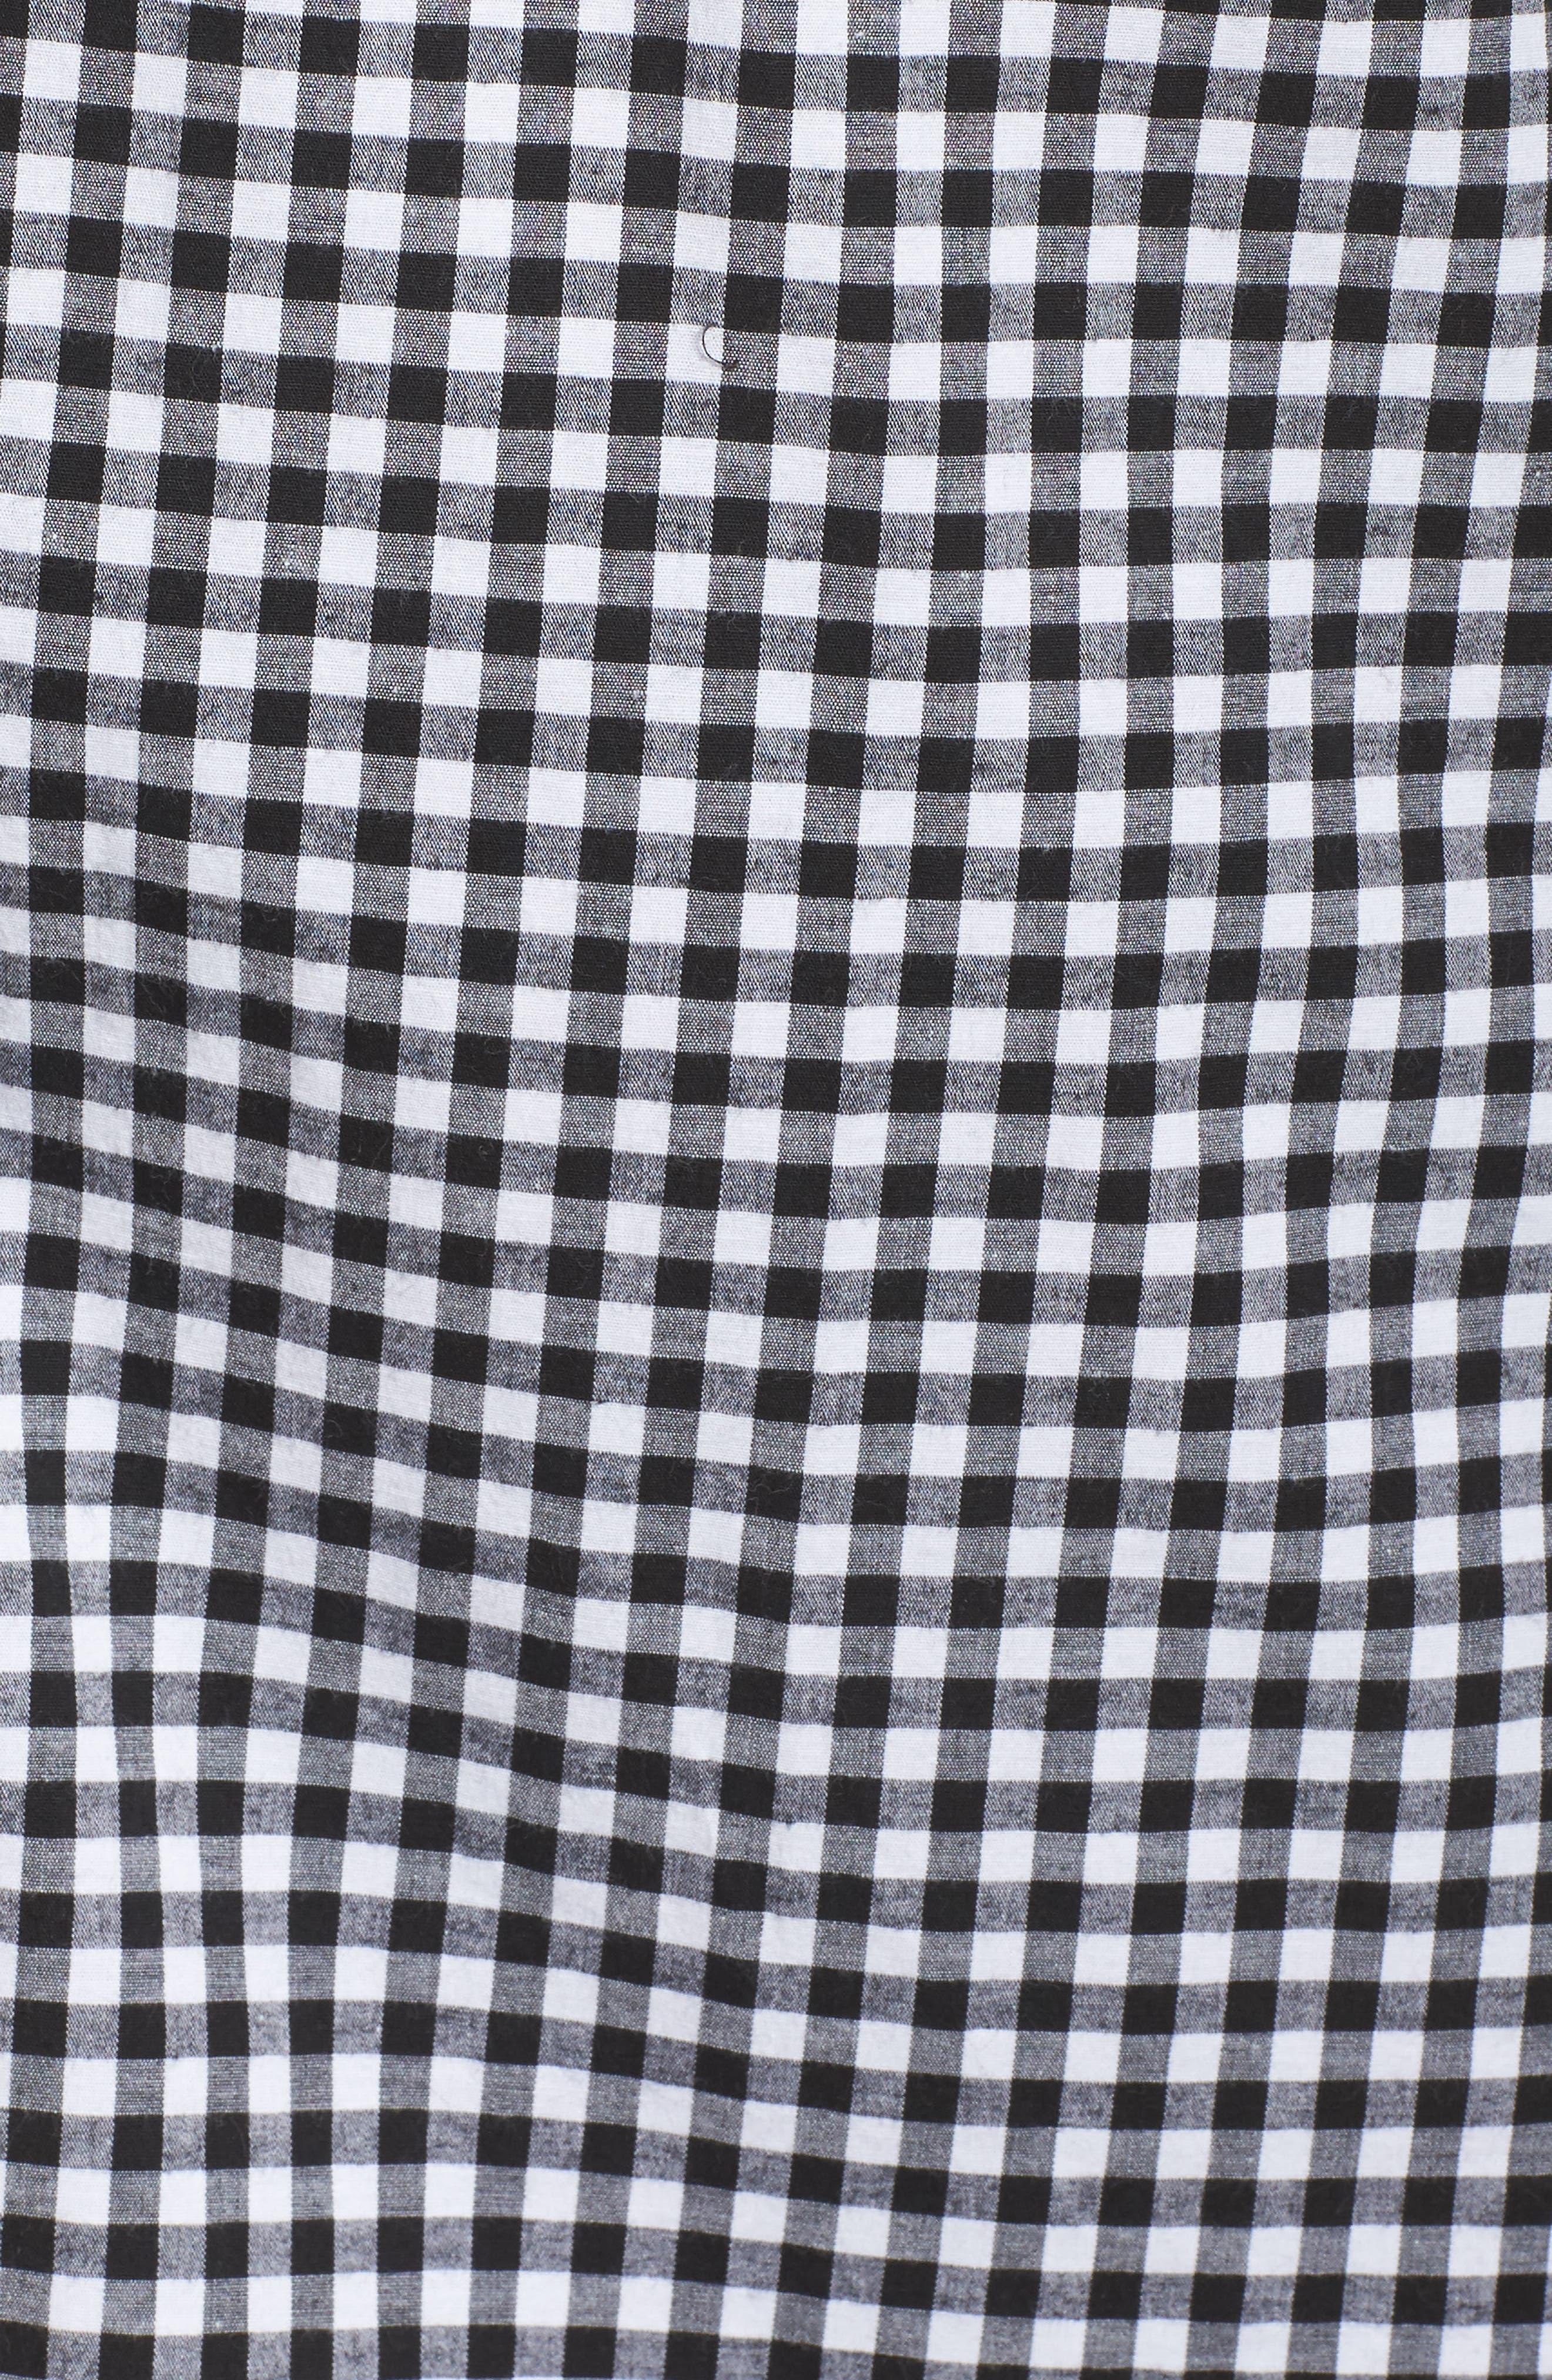 Ruffle Sleeve Gingham Shift Dress,                             Alternate thumbnail 5, color,                             Black/ White Gingham